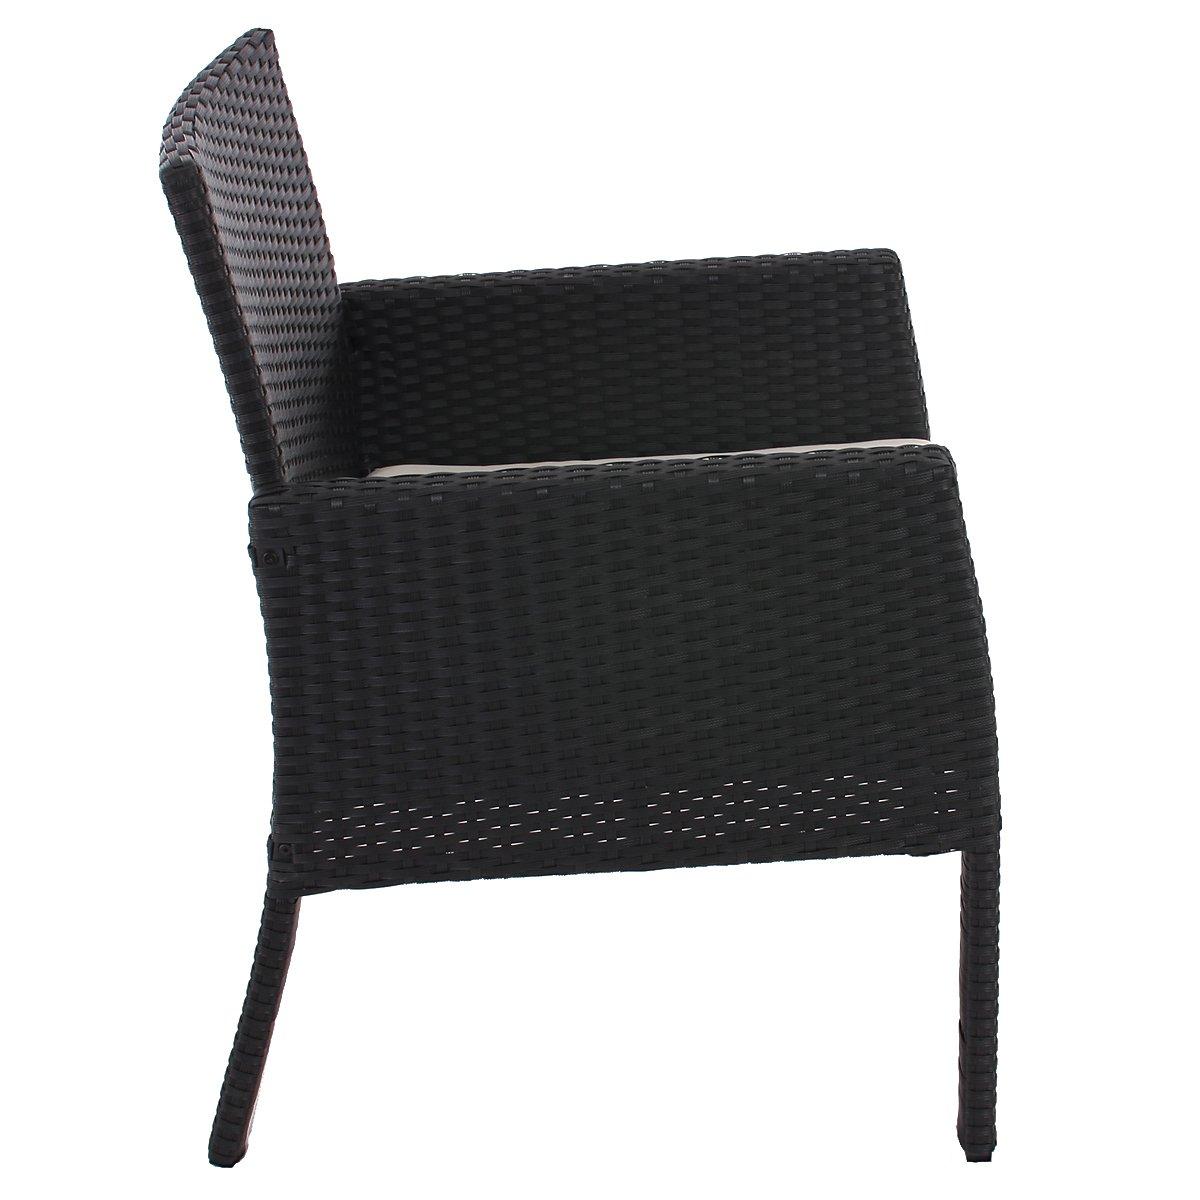 Lote 2 sillas de jard n sanremo en mimbre incluyendo - Cojines para sillas de jardin ...